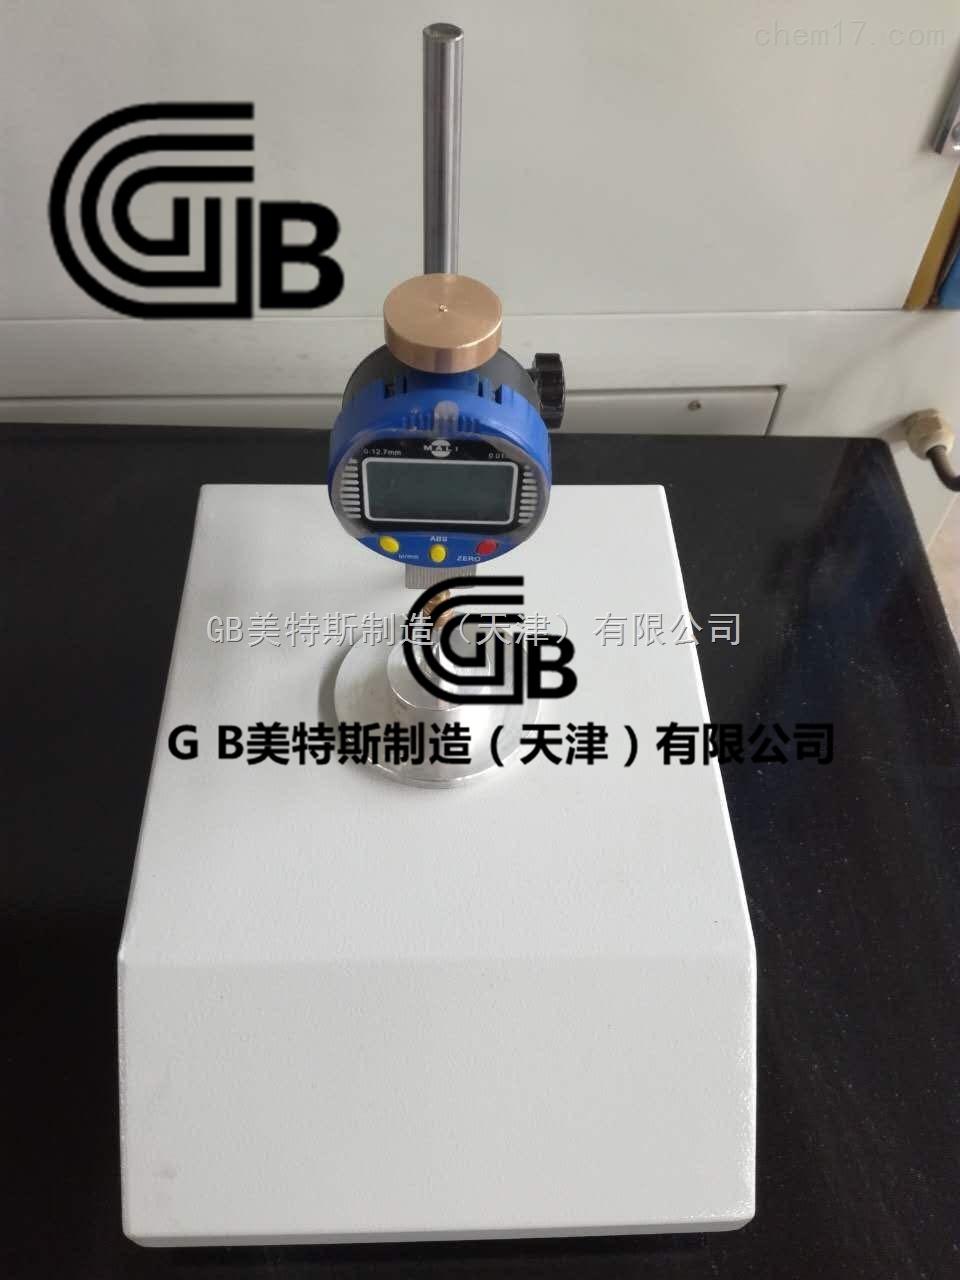 矿物棉板式测厚仪-测试材质-执行标准